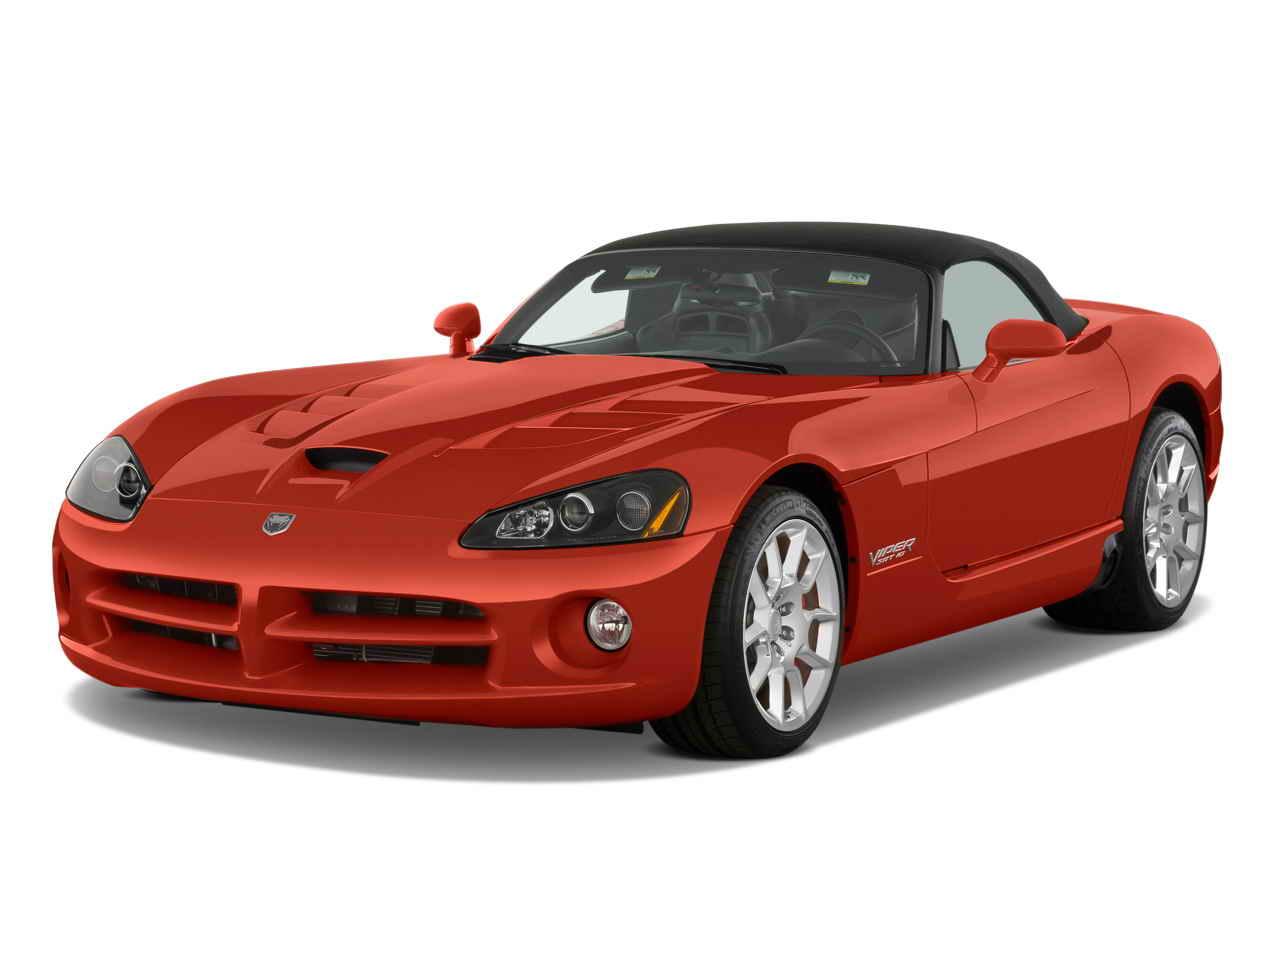 best sports cars 2010 dodge sports cars images. Black Bedroom Furniture Sets. Home Design Ideas